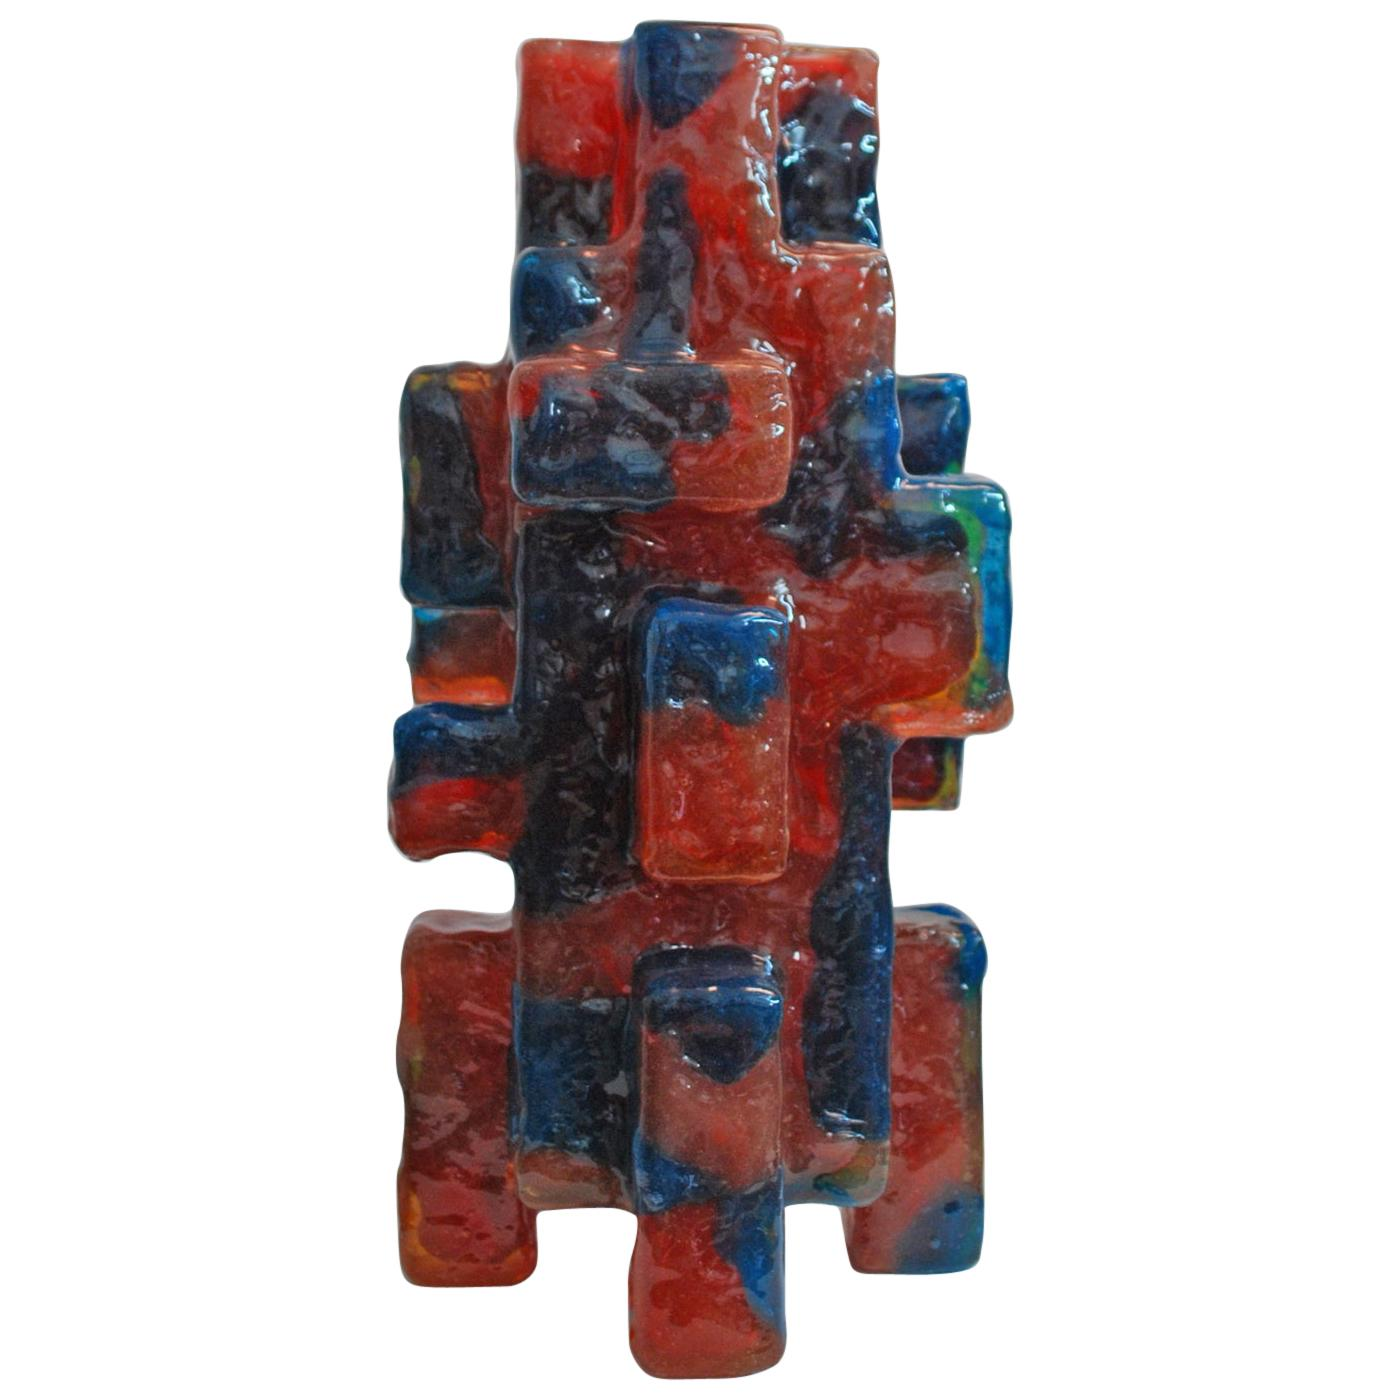 Contemporary by Las Animas Keru 214 Sculpture Vase Vessel Resin Red Blue